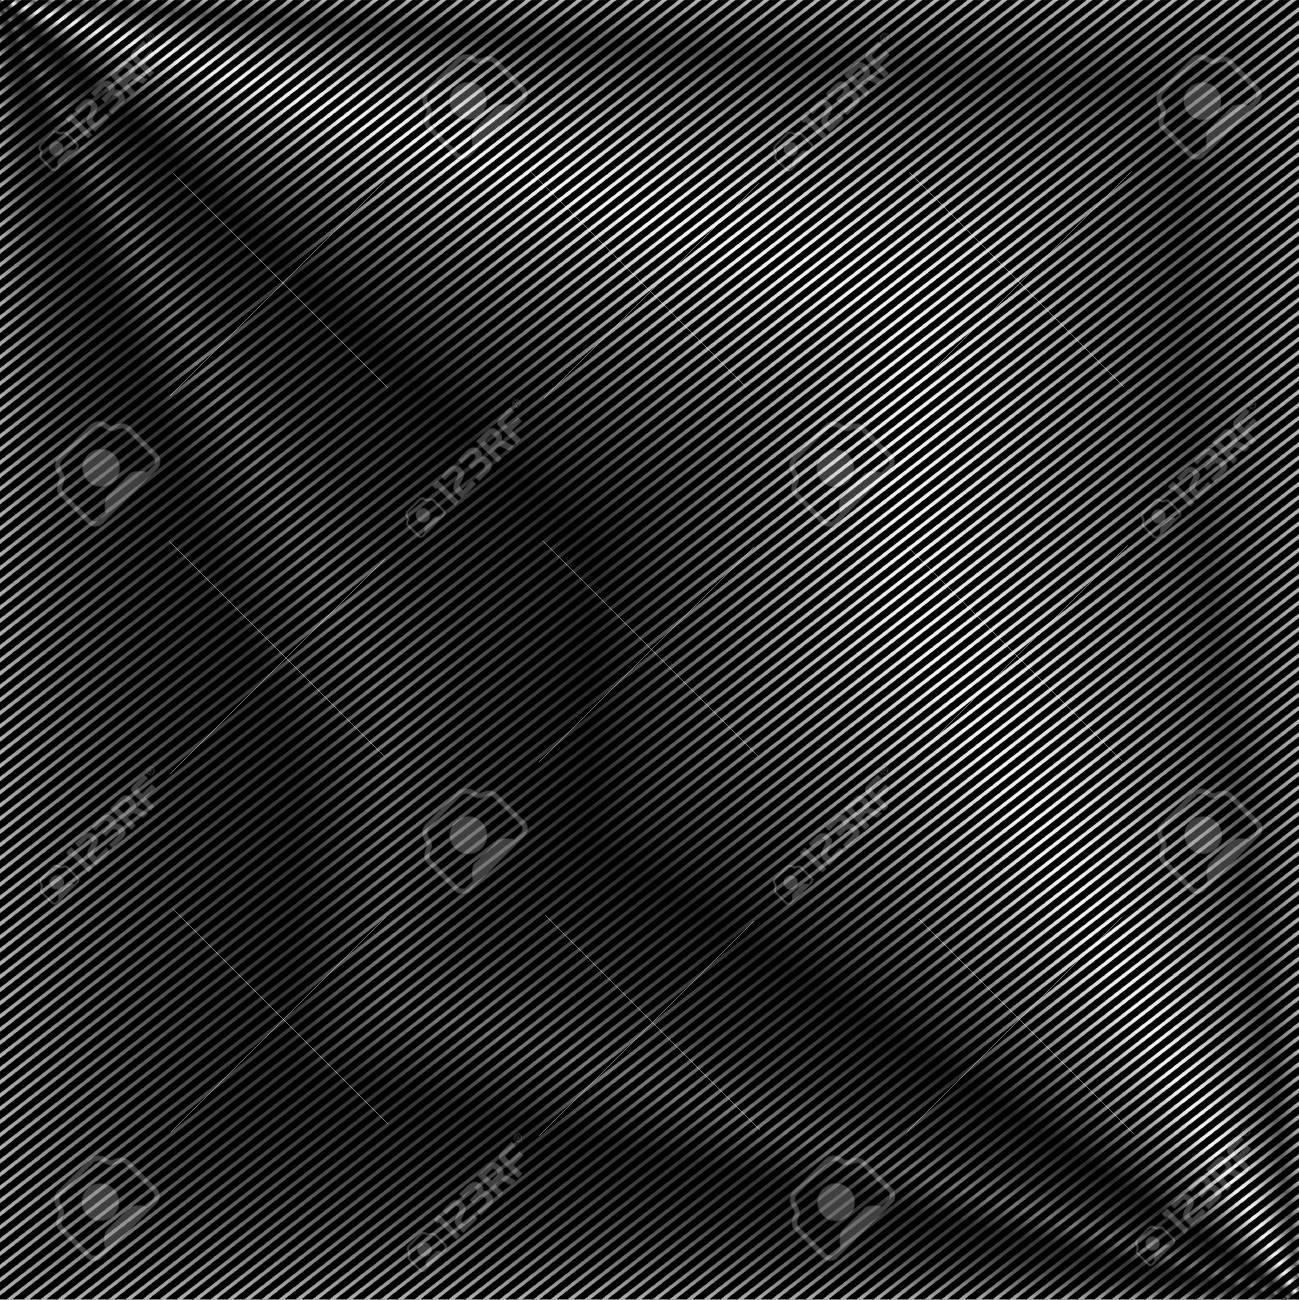 High grade silver background Stock Vector - 23517432